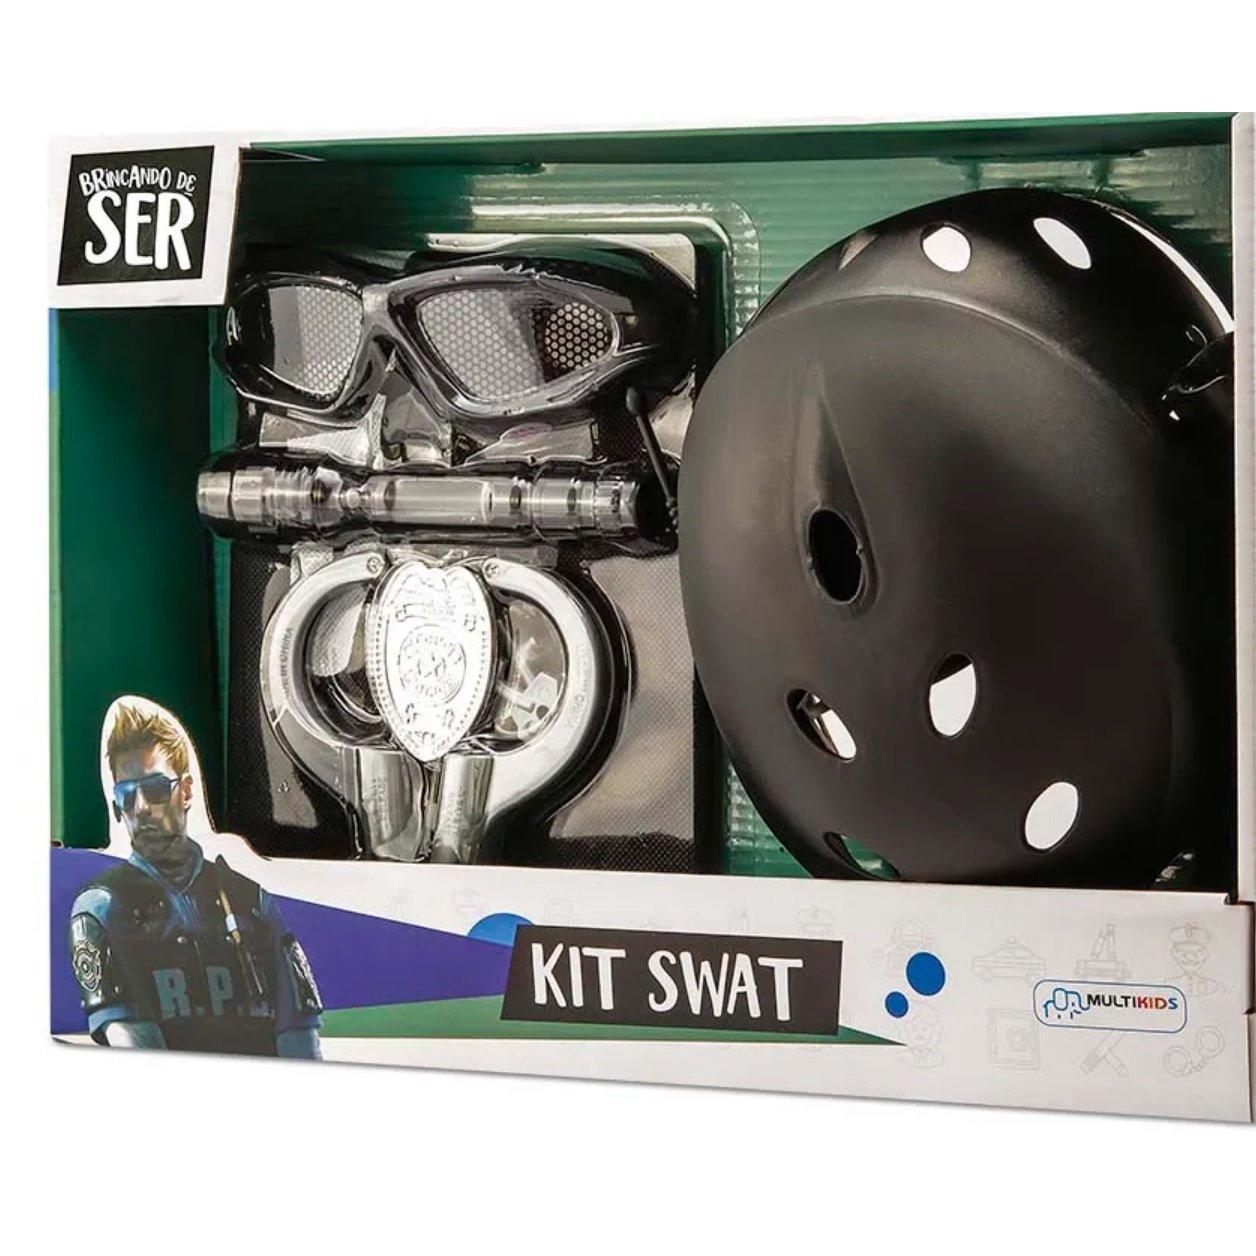 Brincando de Ser Kit Policia Swat com Óculos - Multikids BR966